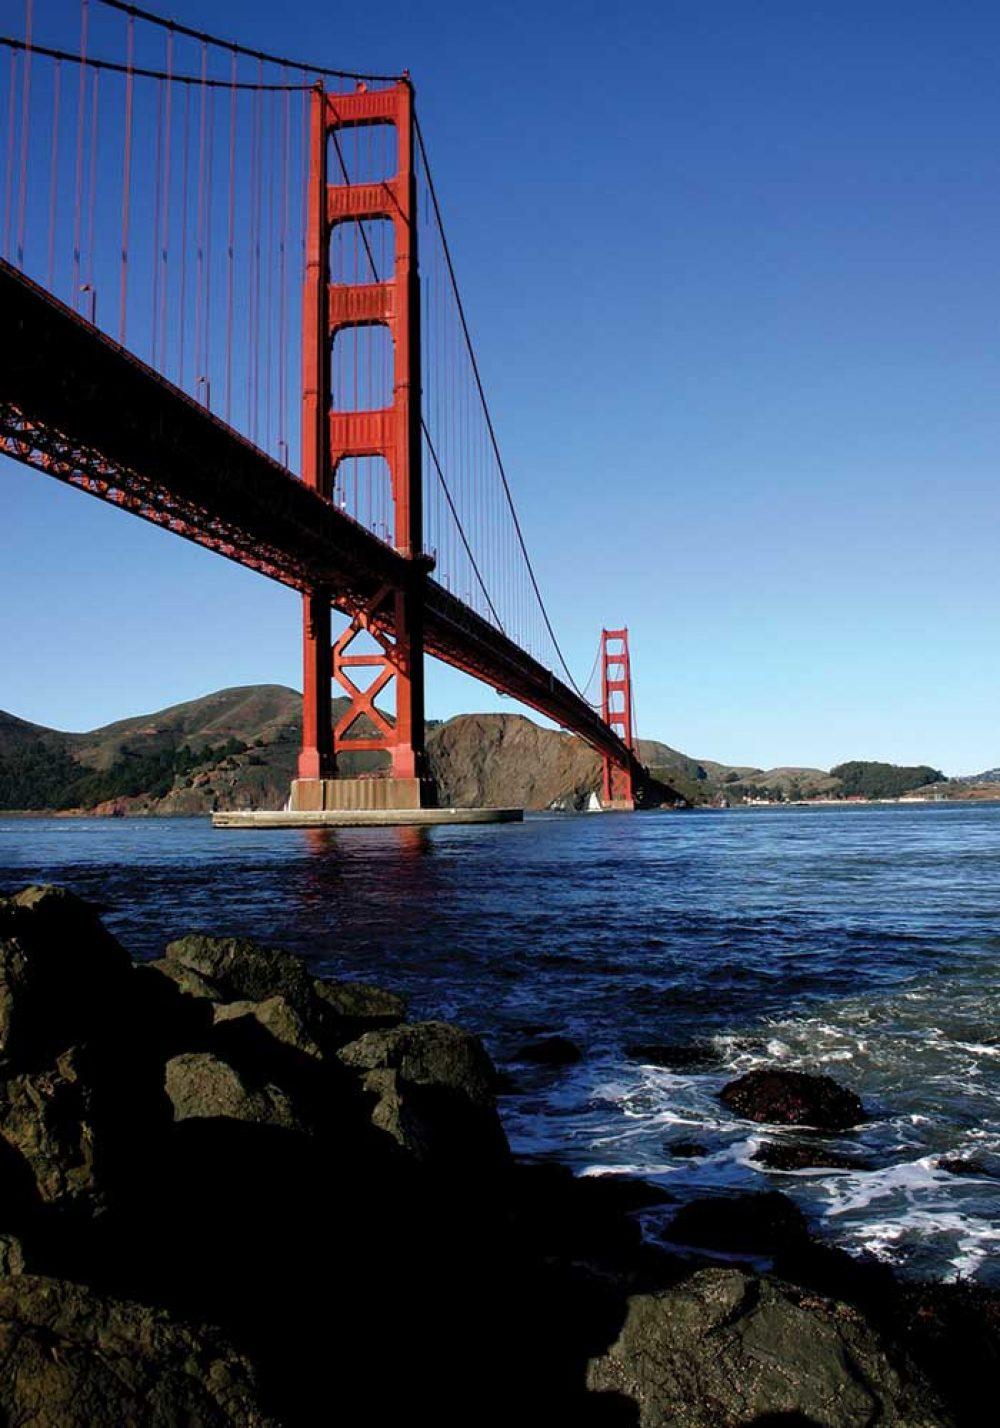 Golden Gate by James Einspahr